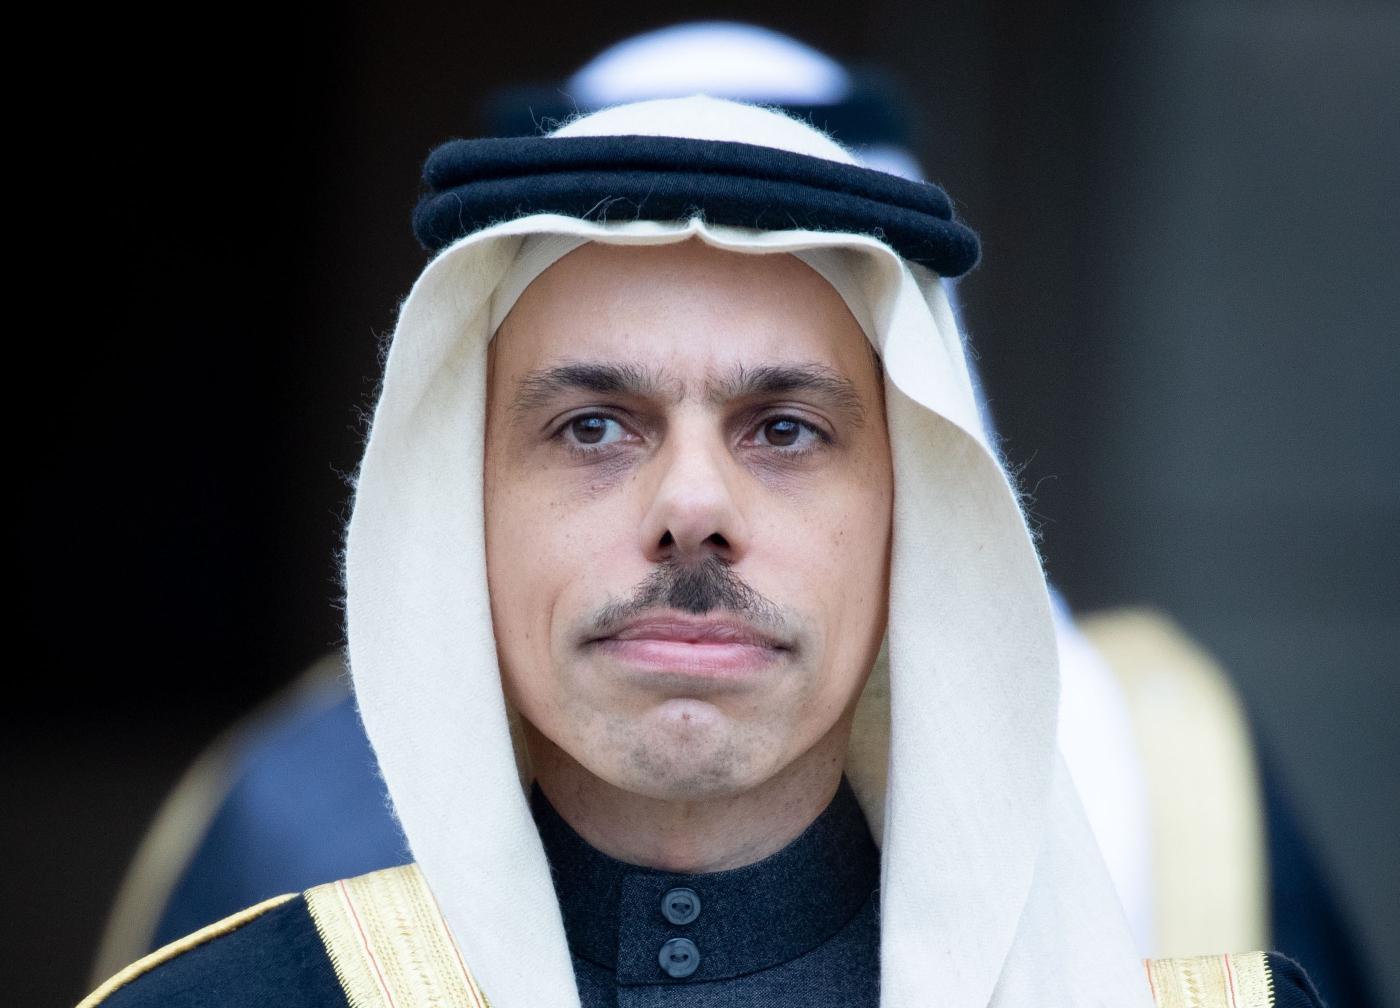 صورة رغم تصاعد الحرب في اليمن.. السعودية تتحدث عن تقدم في المفاوضات مع الحوثيين